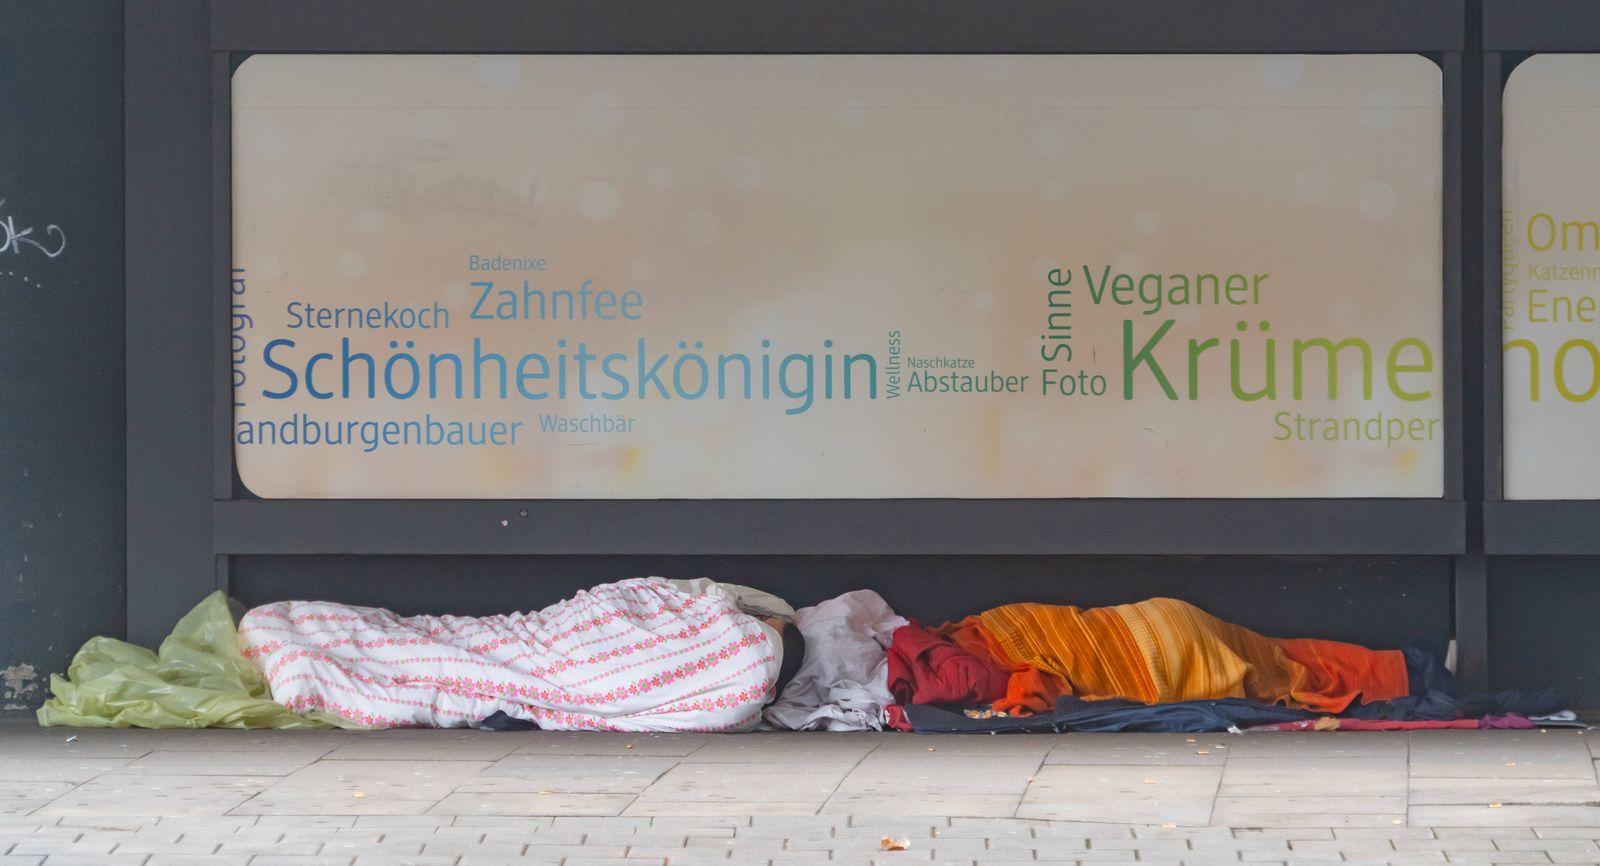 Innenstadt Hamburg während des Corona-Lockdown im Dezember 2020 - Obdachloser liegt an einer Wand vom ehemaligen Kaufhau